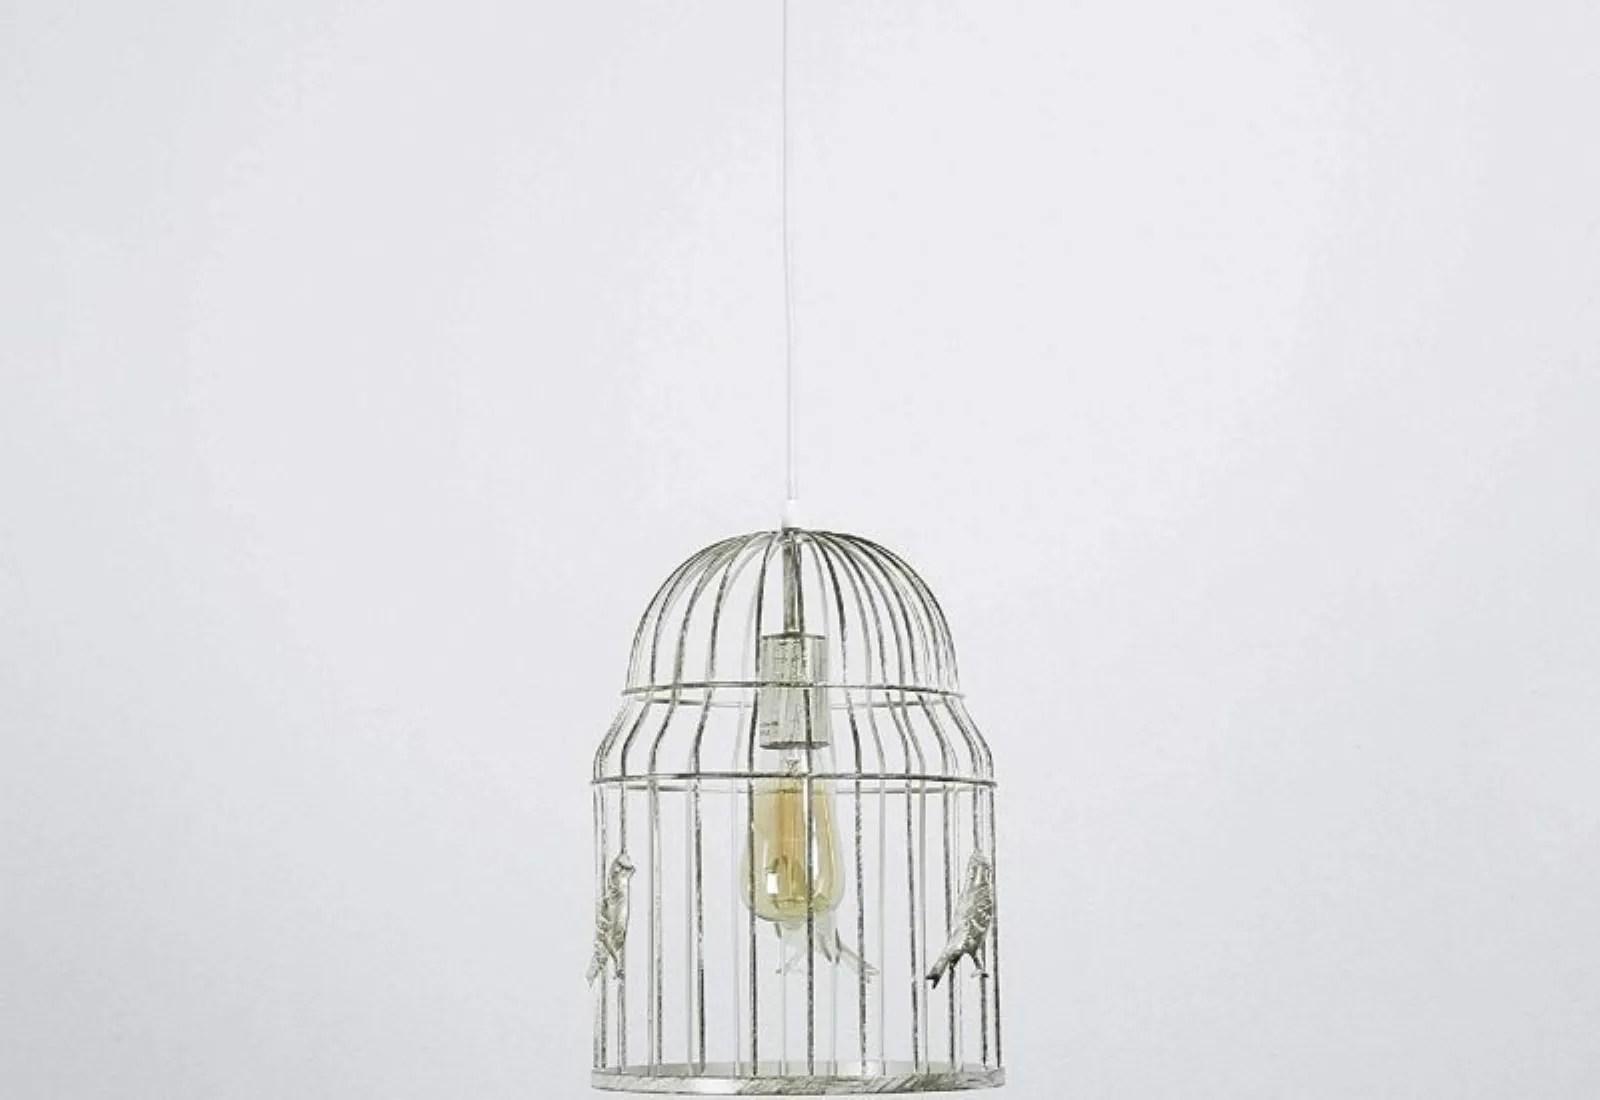 Come realizzare un lampadario shabby chic fai da te. Come Scegliere I Lampadari Per La Casa In Stile Shabby